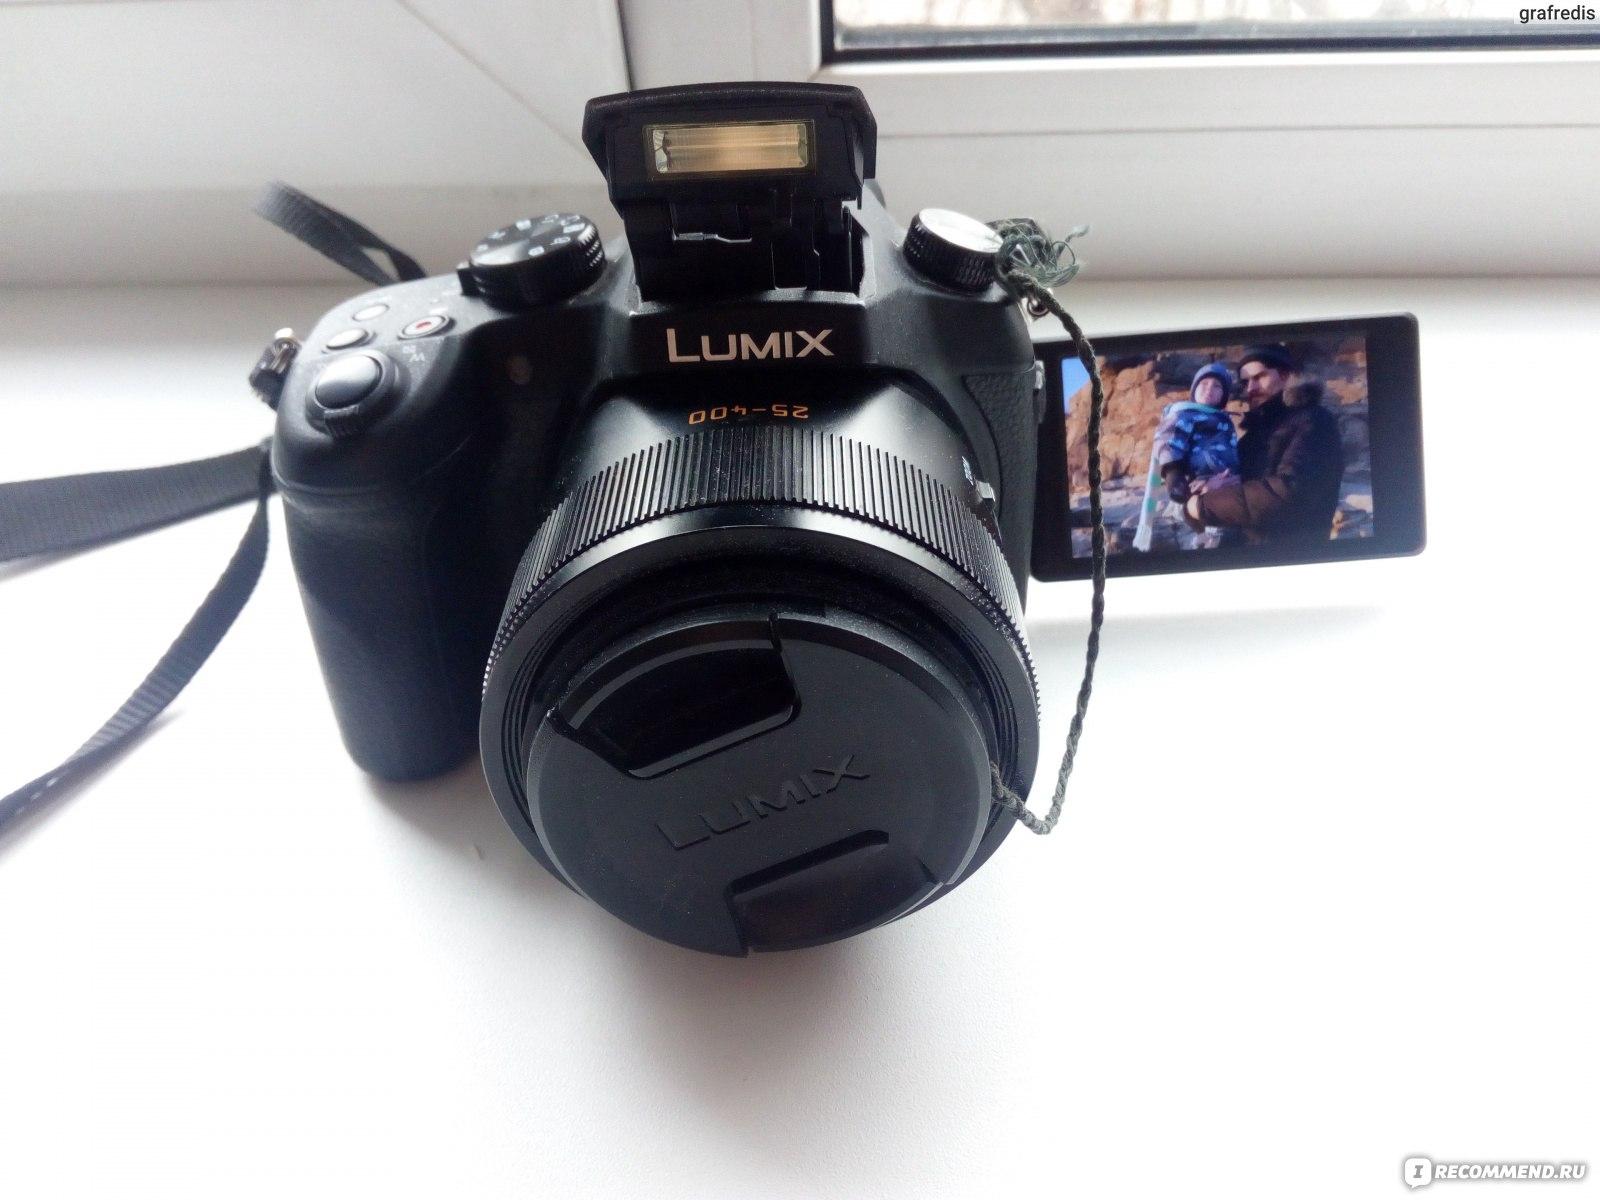 Небольшой фотоаппарат с хорошей оптикой